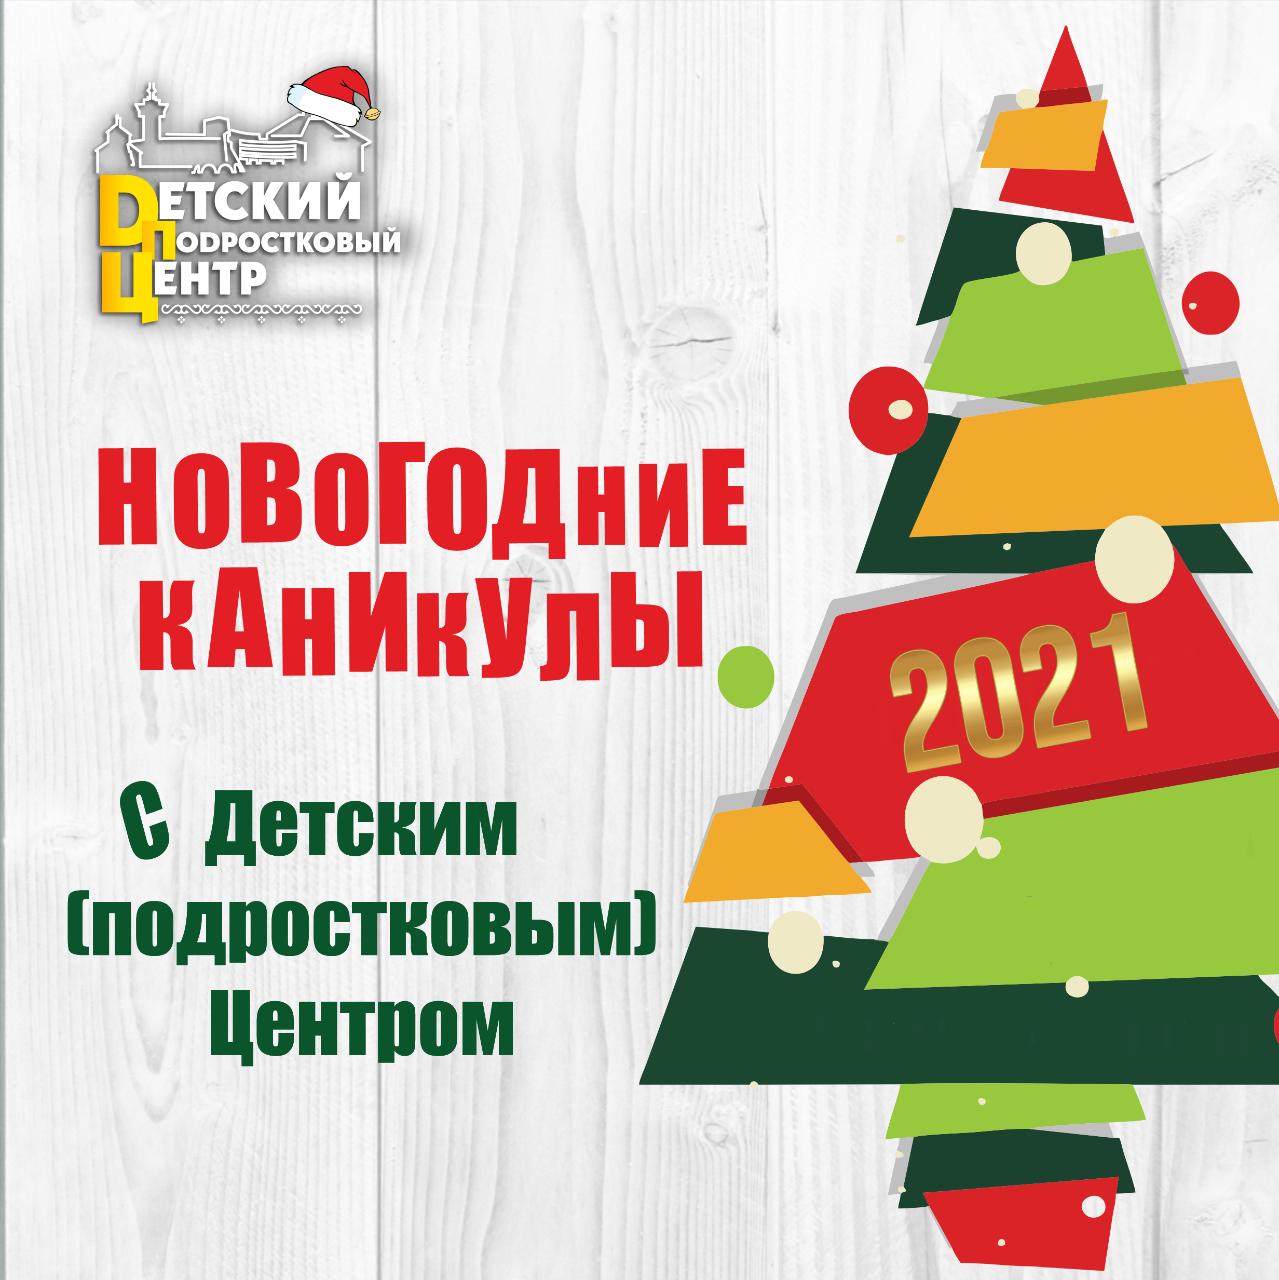 Новогодние каникулы с Детским (подростковым) Центром⠀